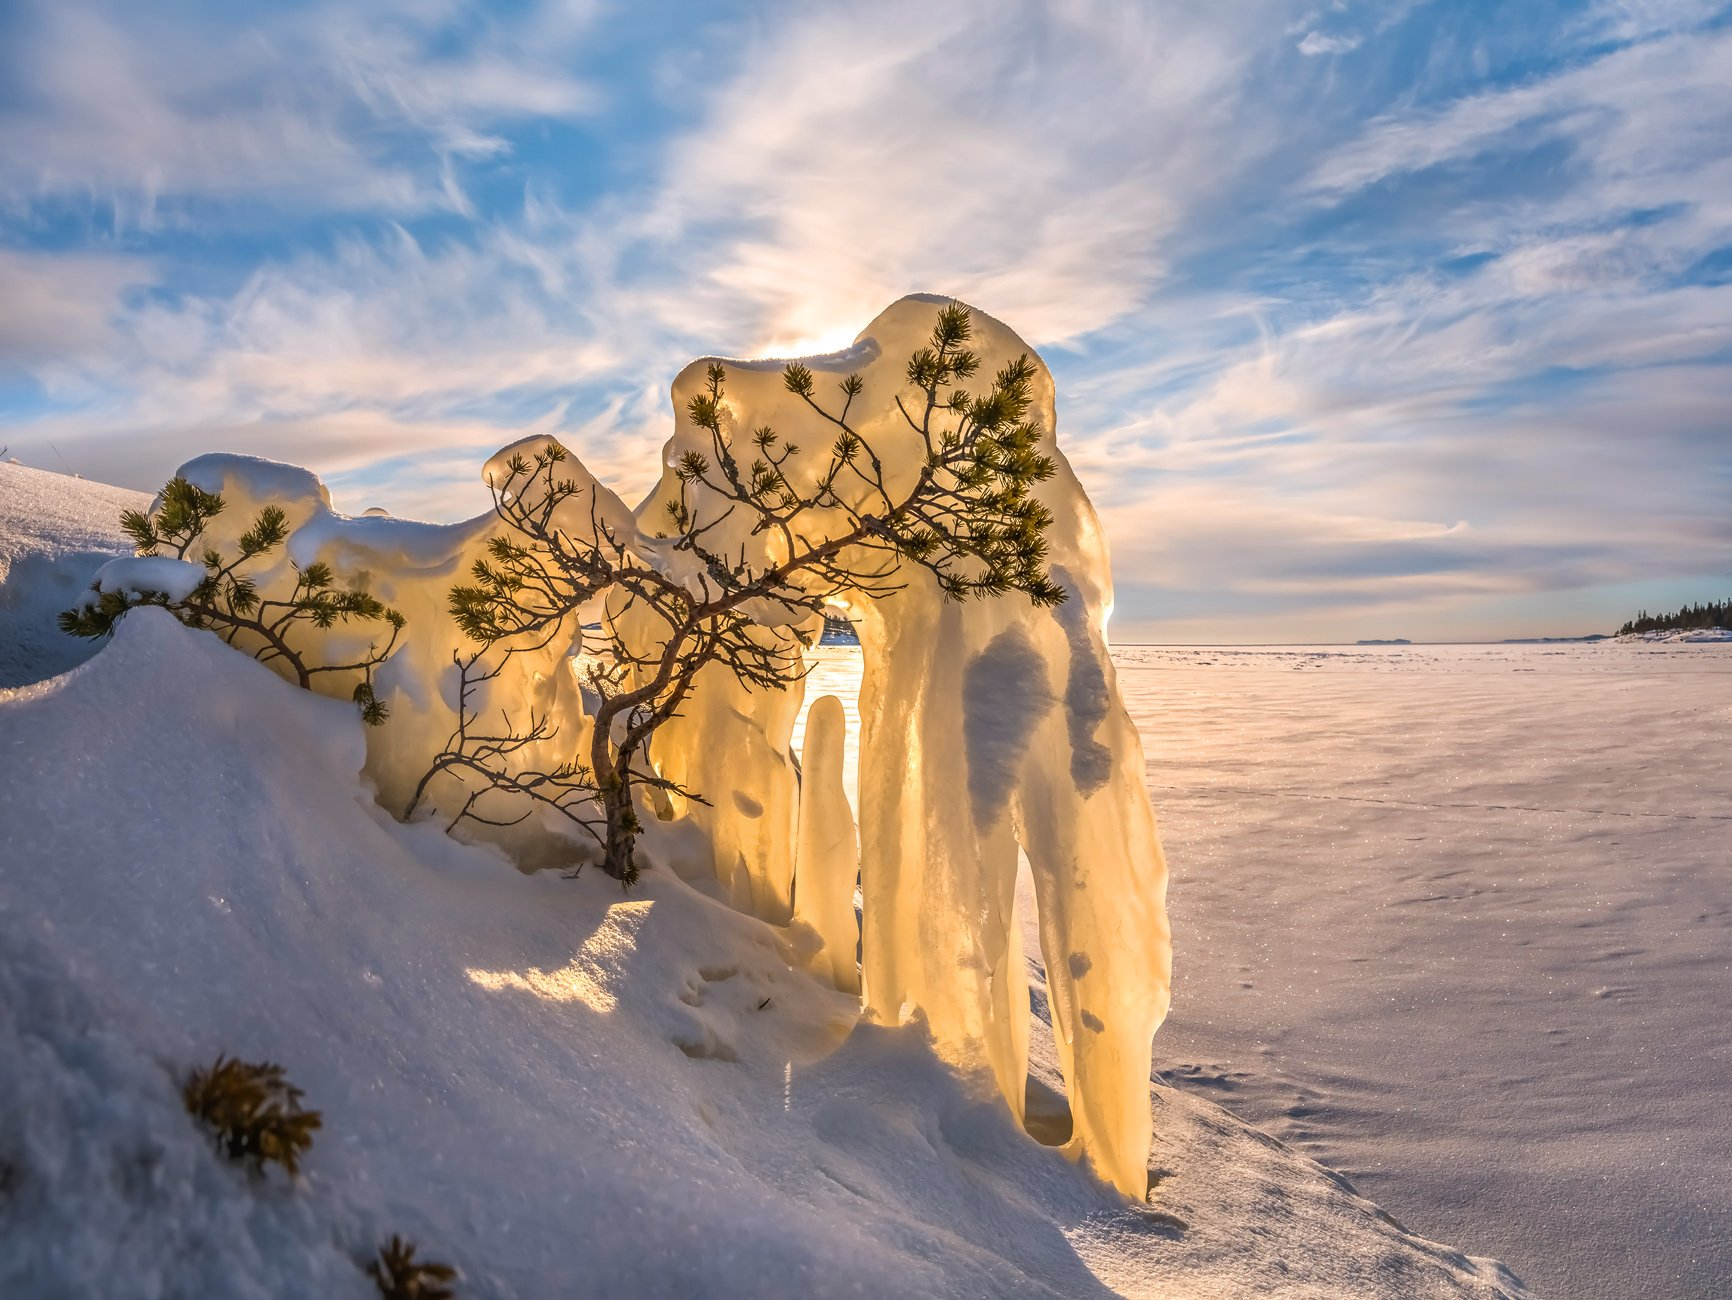 ладожское озеро, карелия, остров, зима, снег, лёд, сосна, наледь, солнце, дерево, pentax645z, pentaxrussia, pentax, Лашков Фёдор